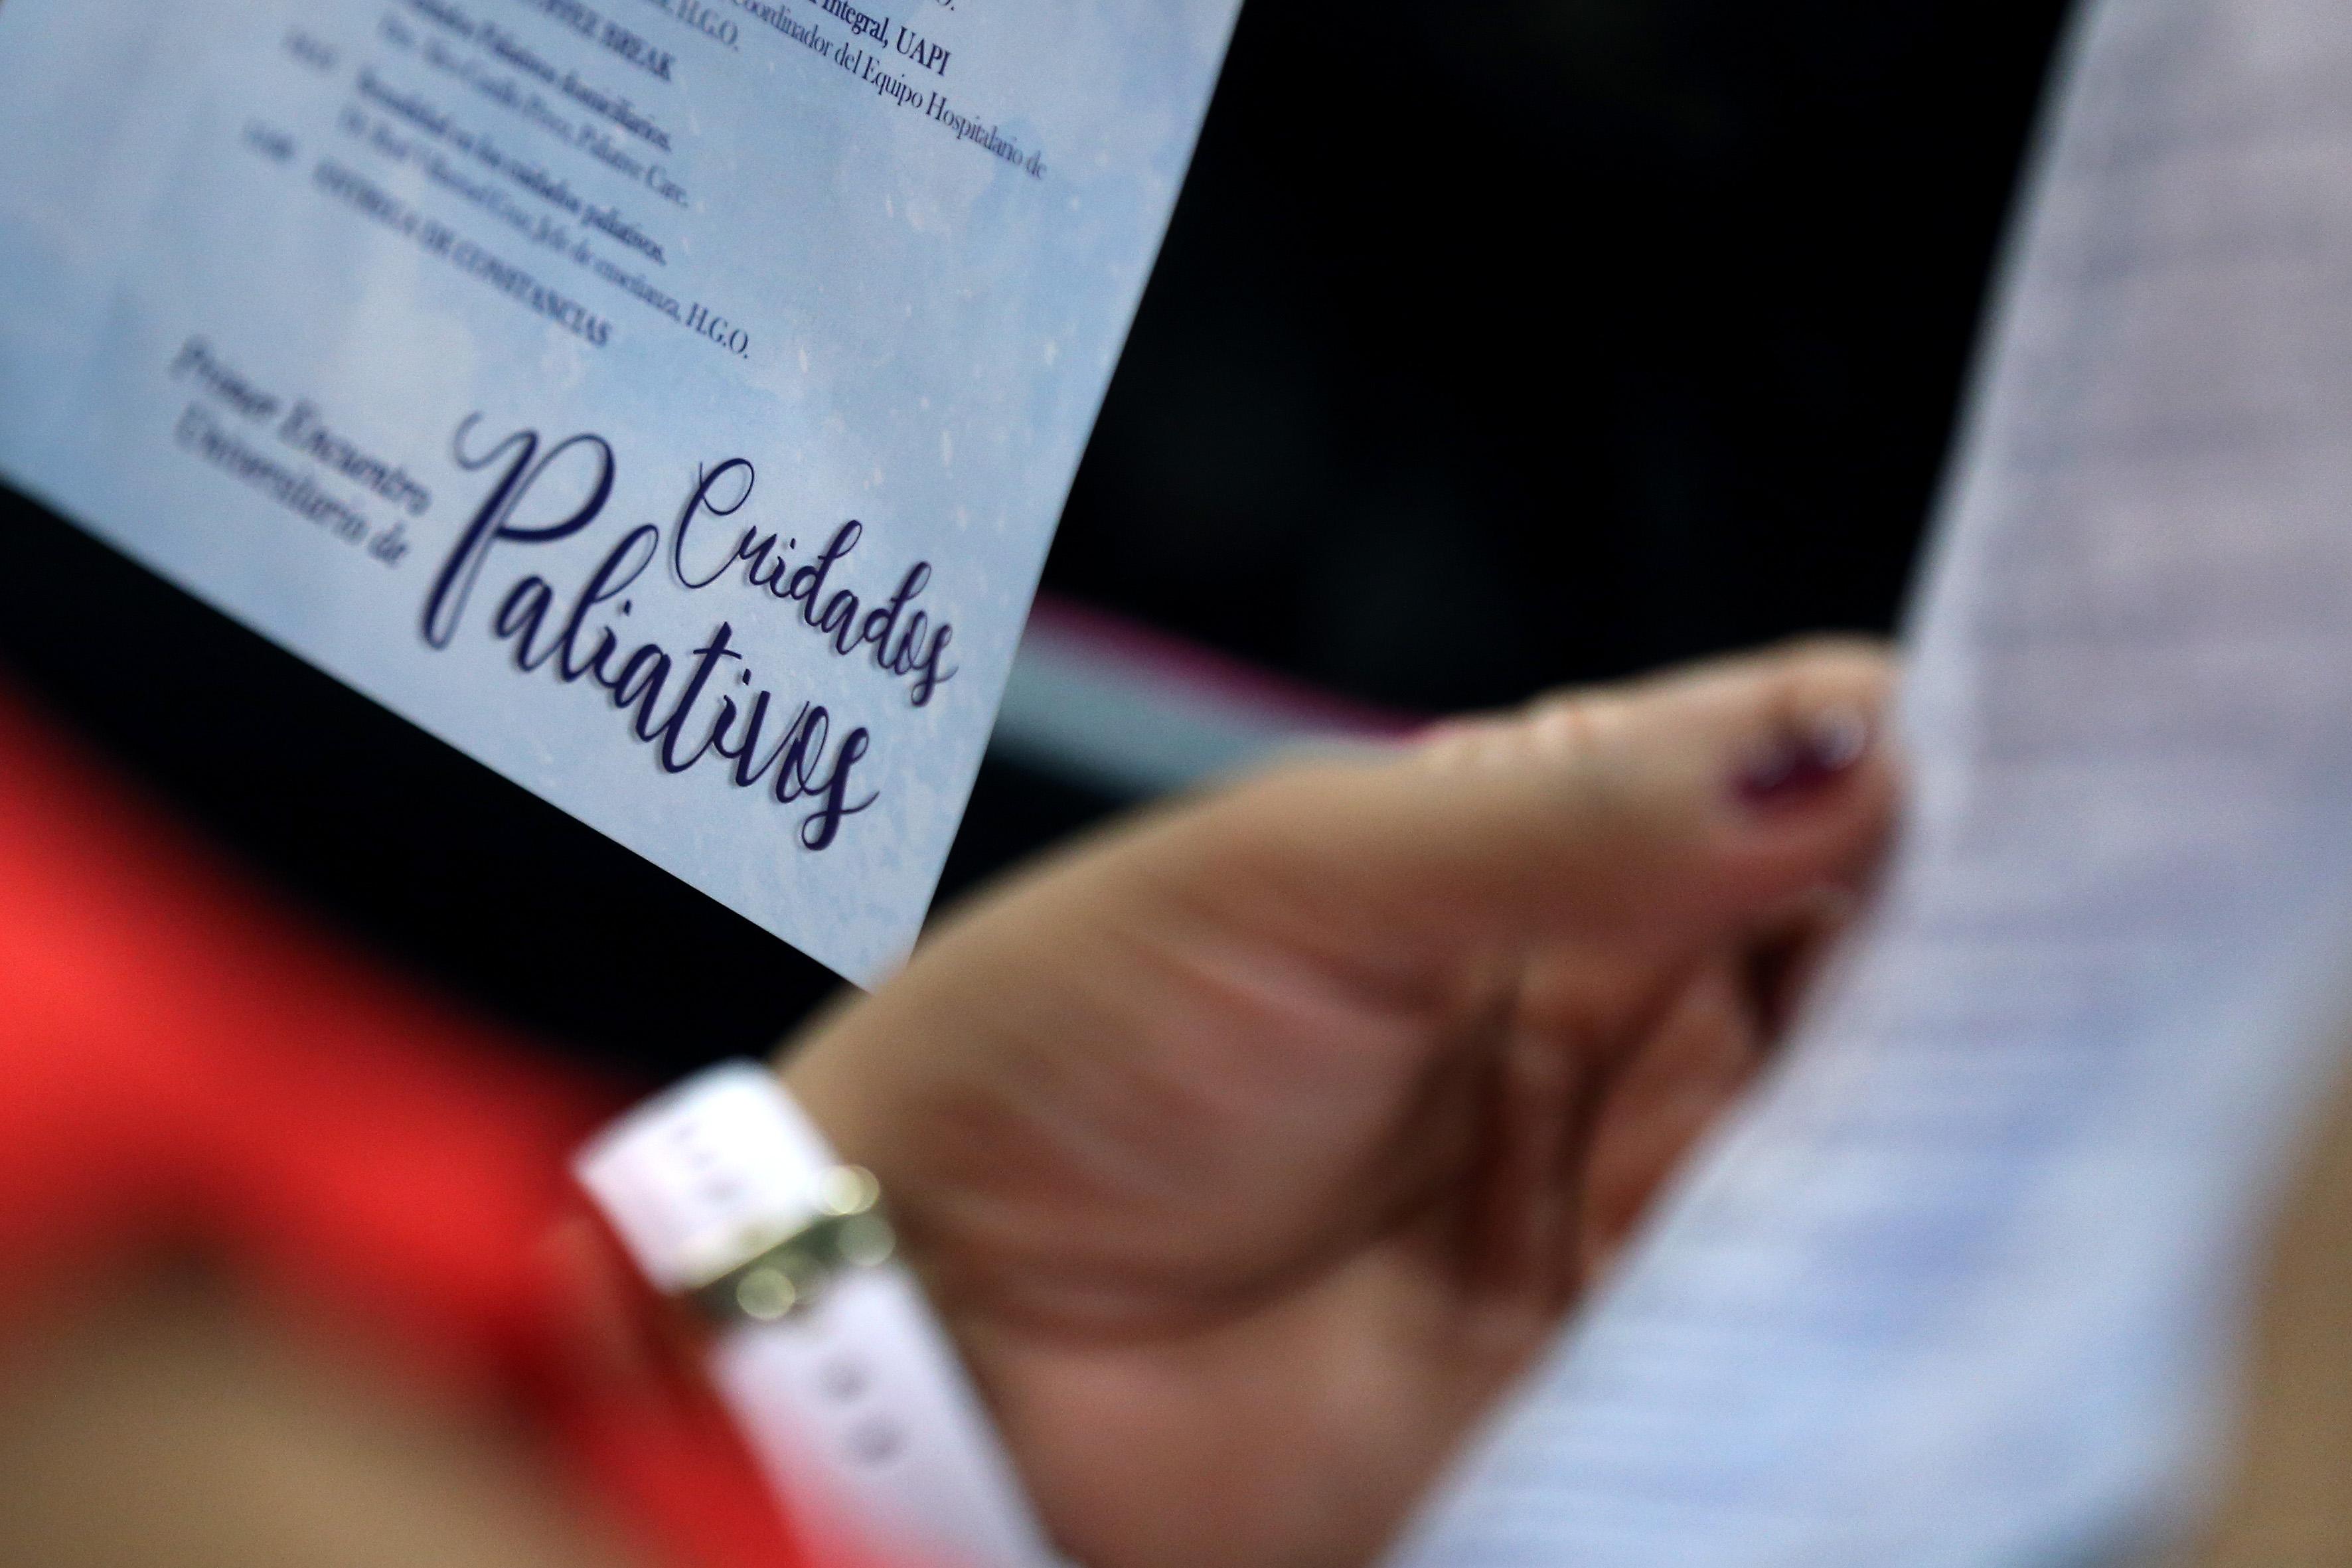 Imagen del díptico publicitario del evento en las manos de un asistente al Encuentro